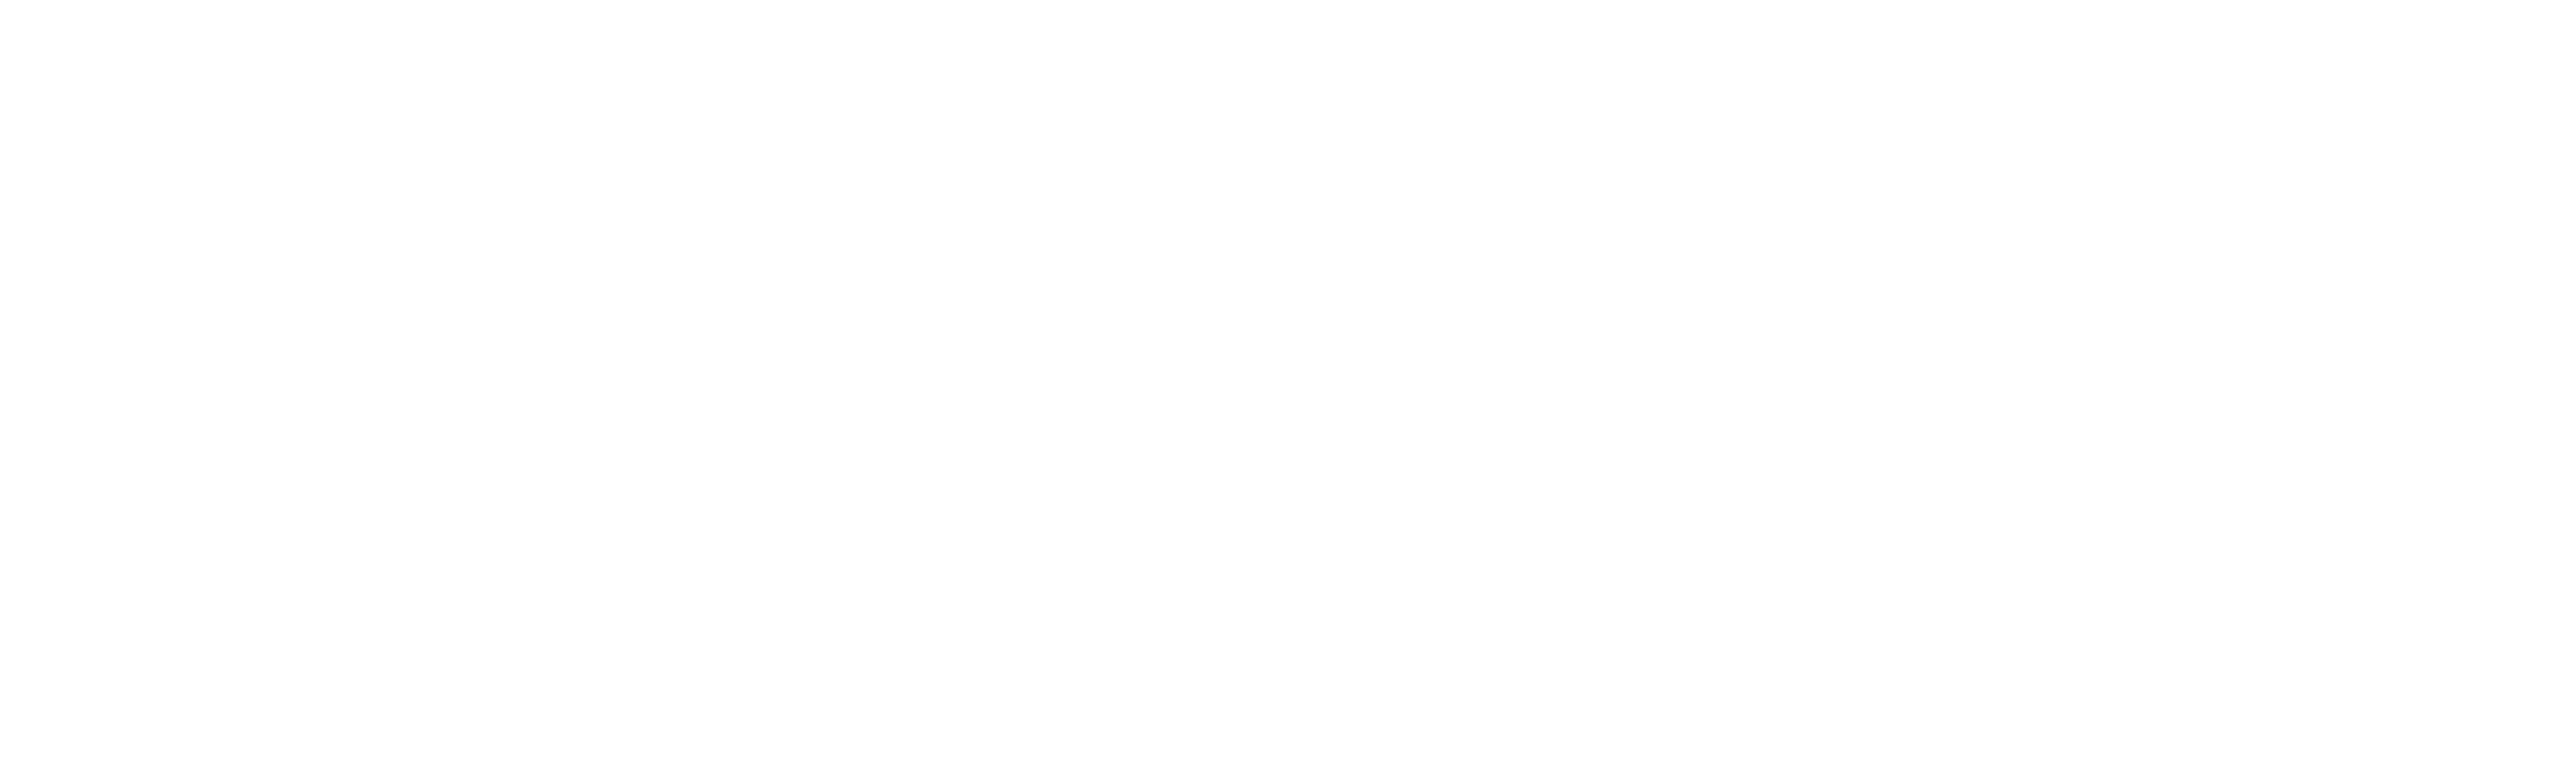 gh-logo-bw-w-h.png